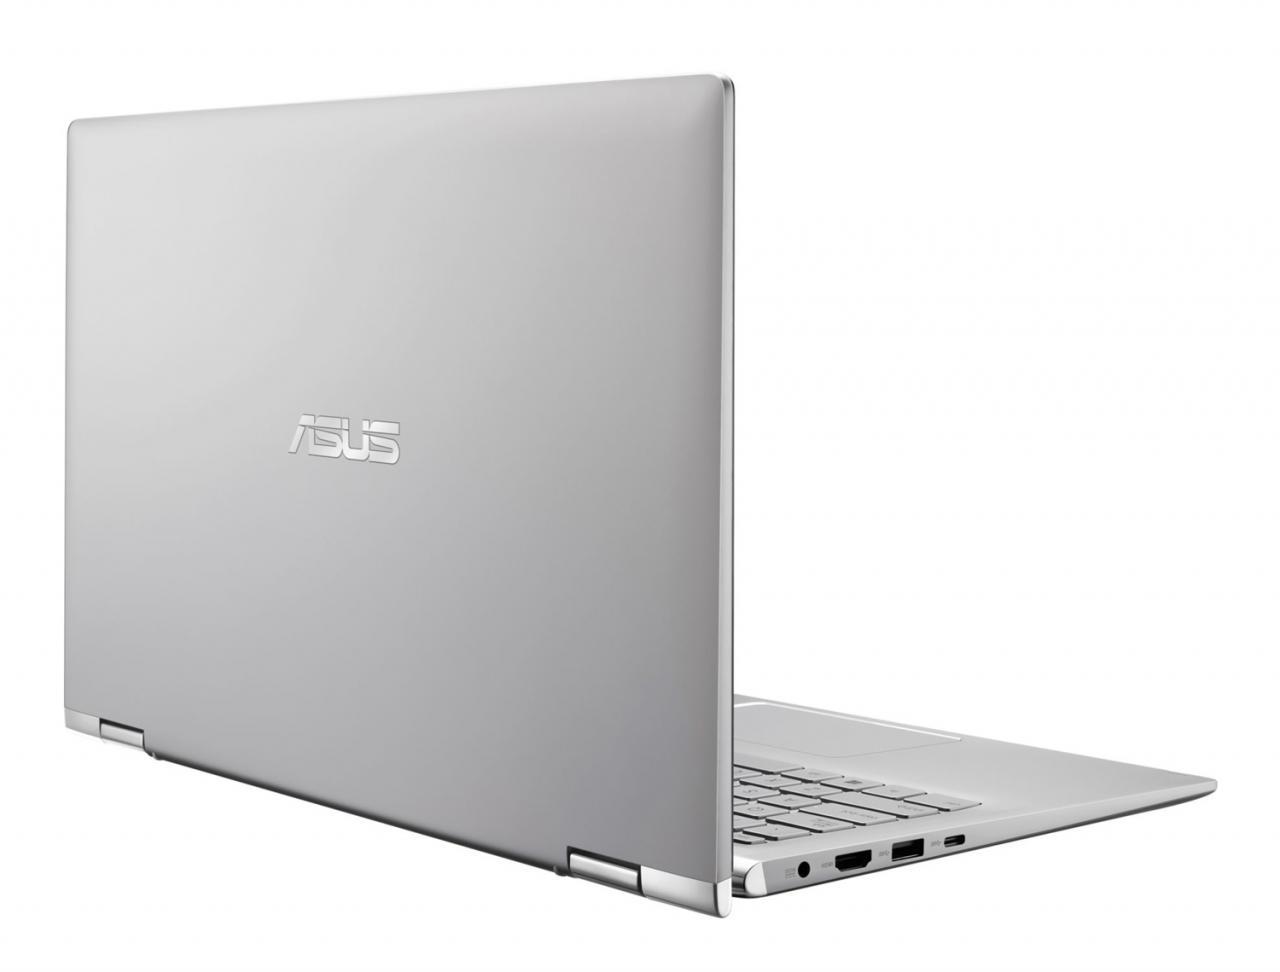 Asus Zenbook Flip UM462DA-AI009T - Gadget Review